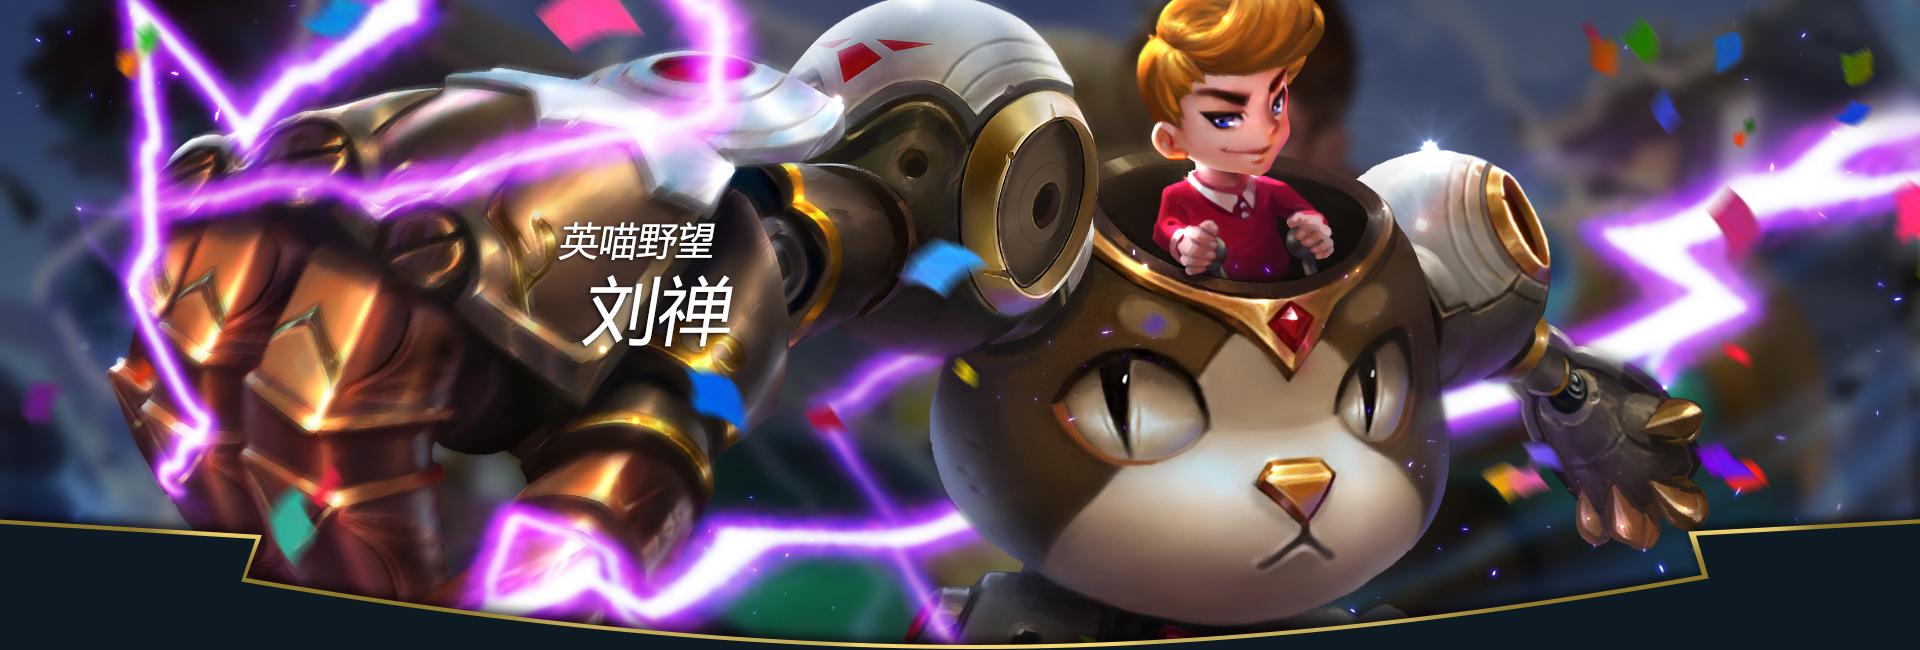 第2弹《王者荣耀英雄皮肤CG》竞技游戏138